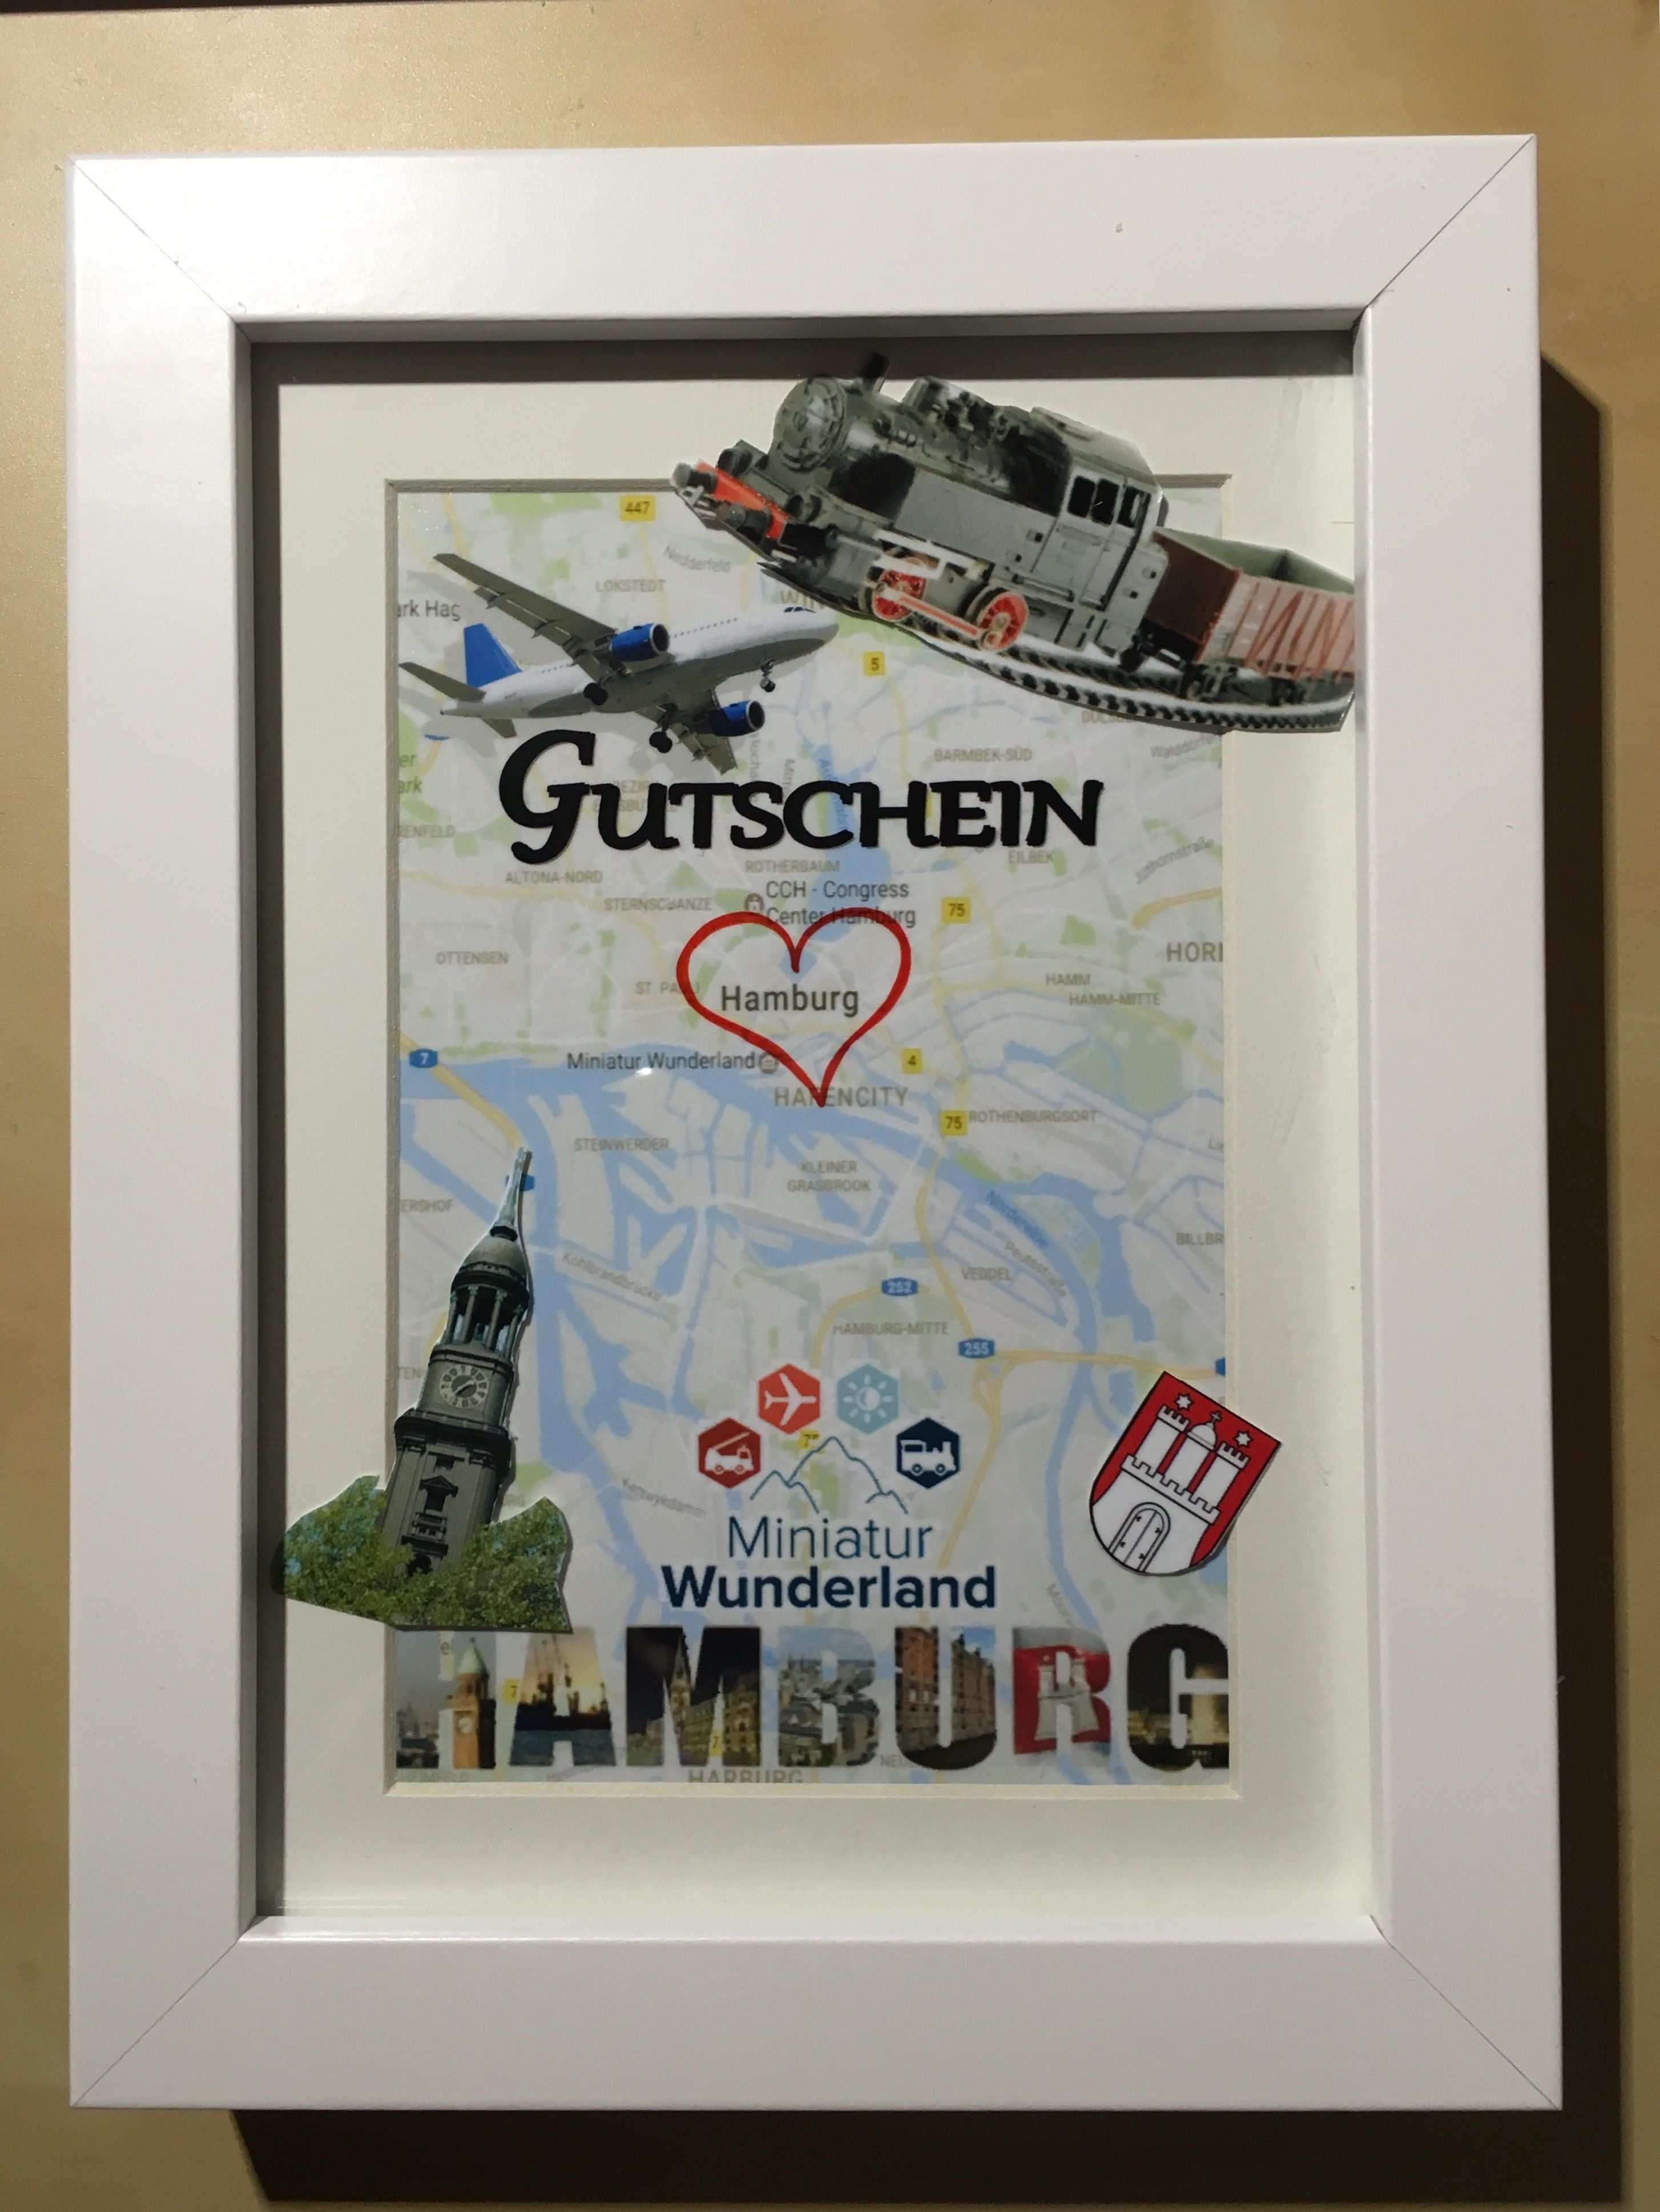 Gutschein Stadtetrip Hamburg Gutschein Basteln Reise Gutschein Basteln Gutschein Geburtstag